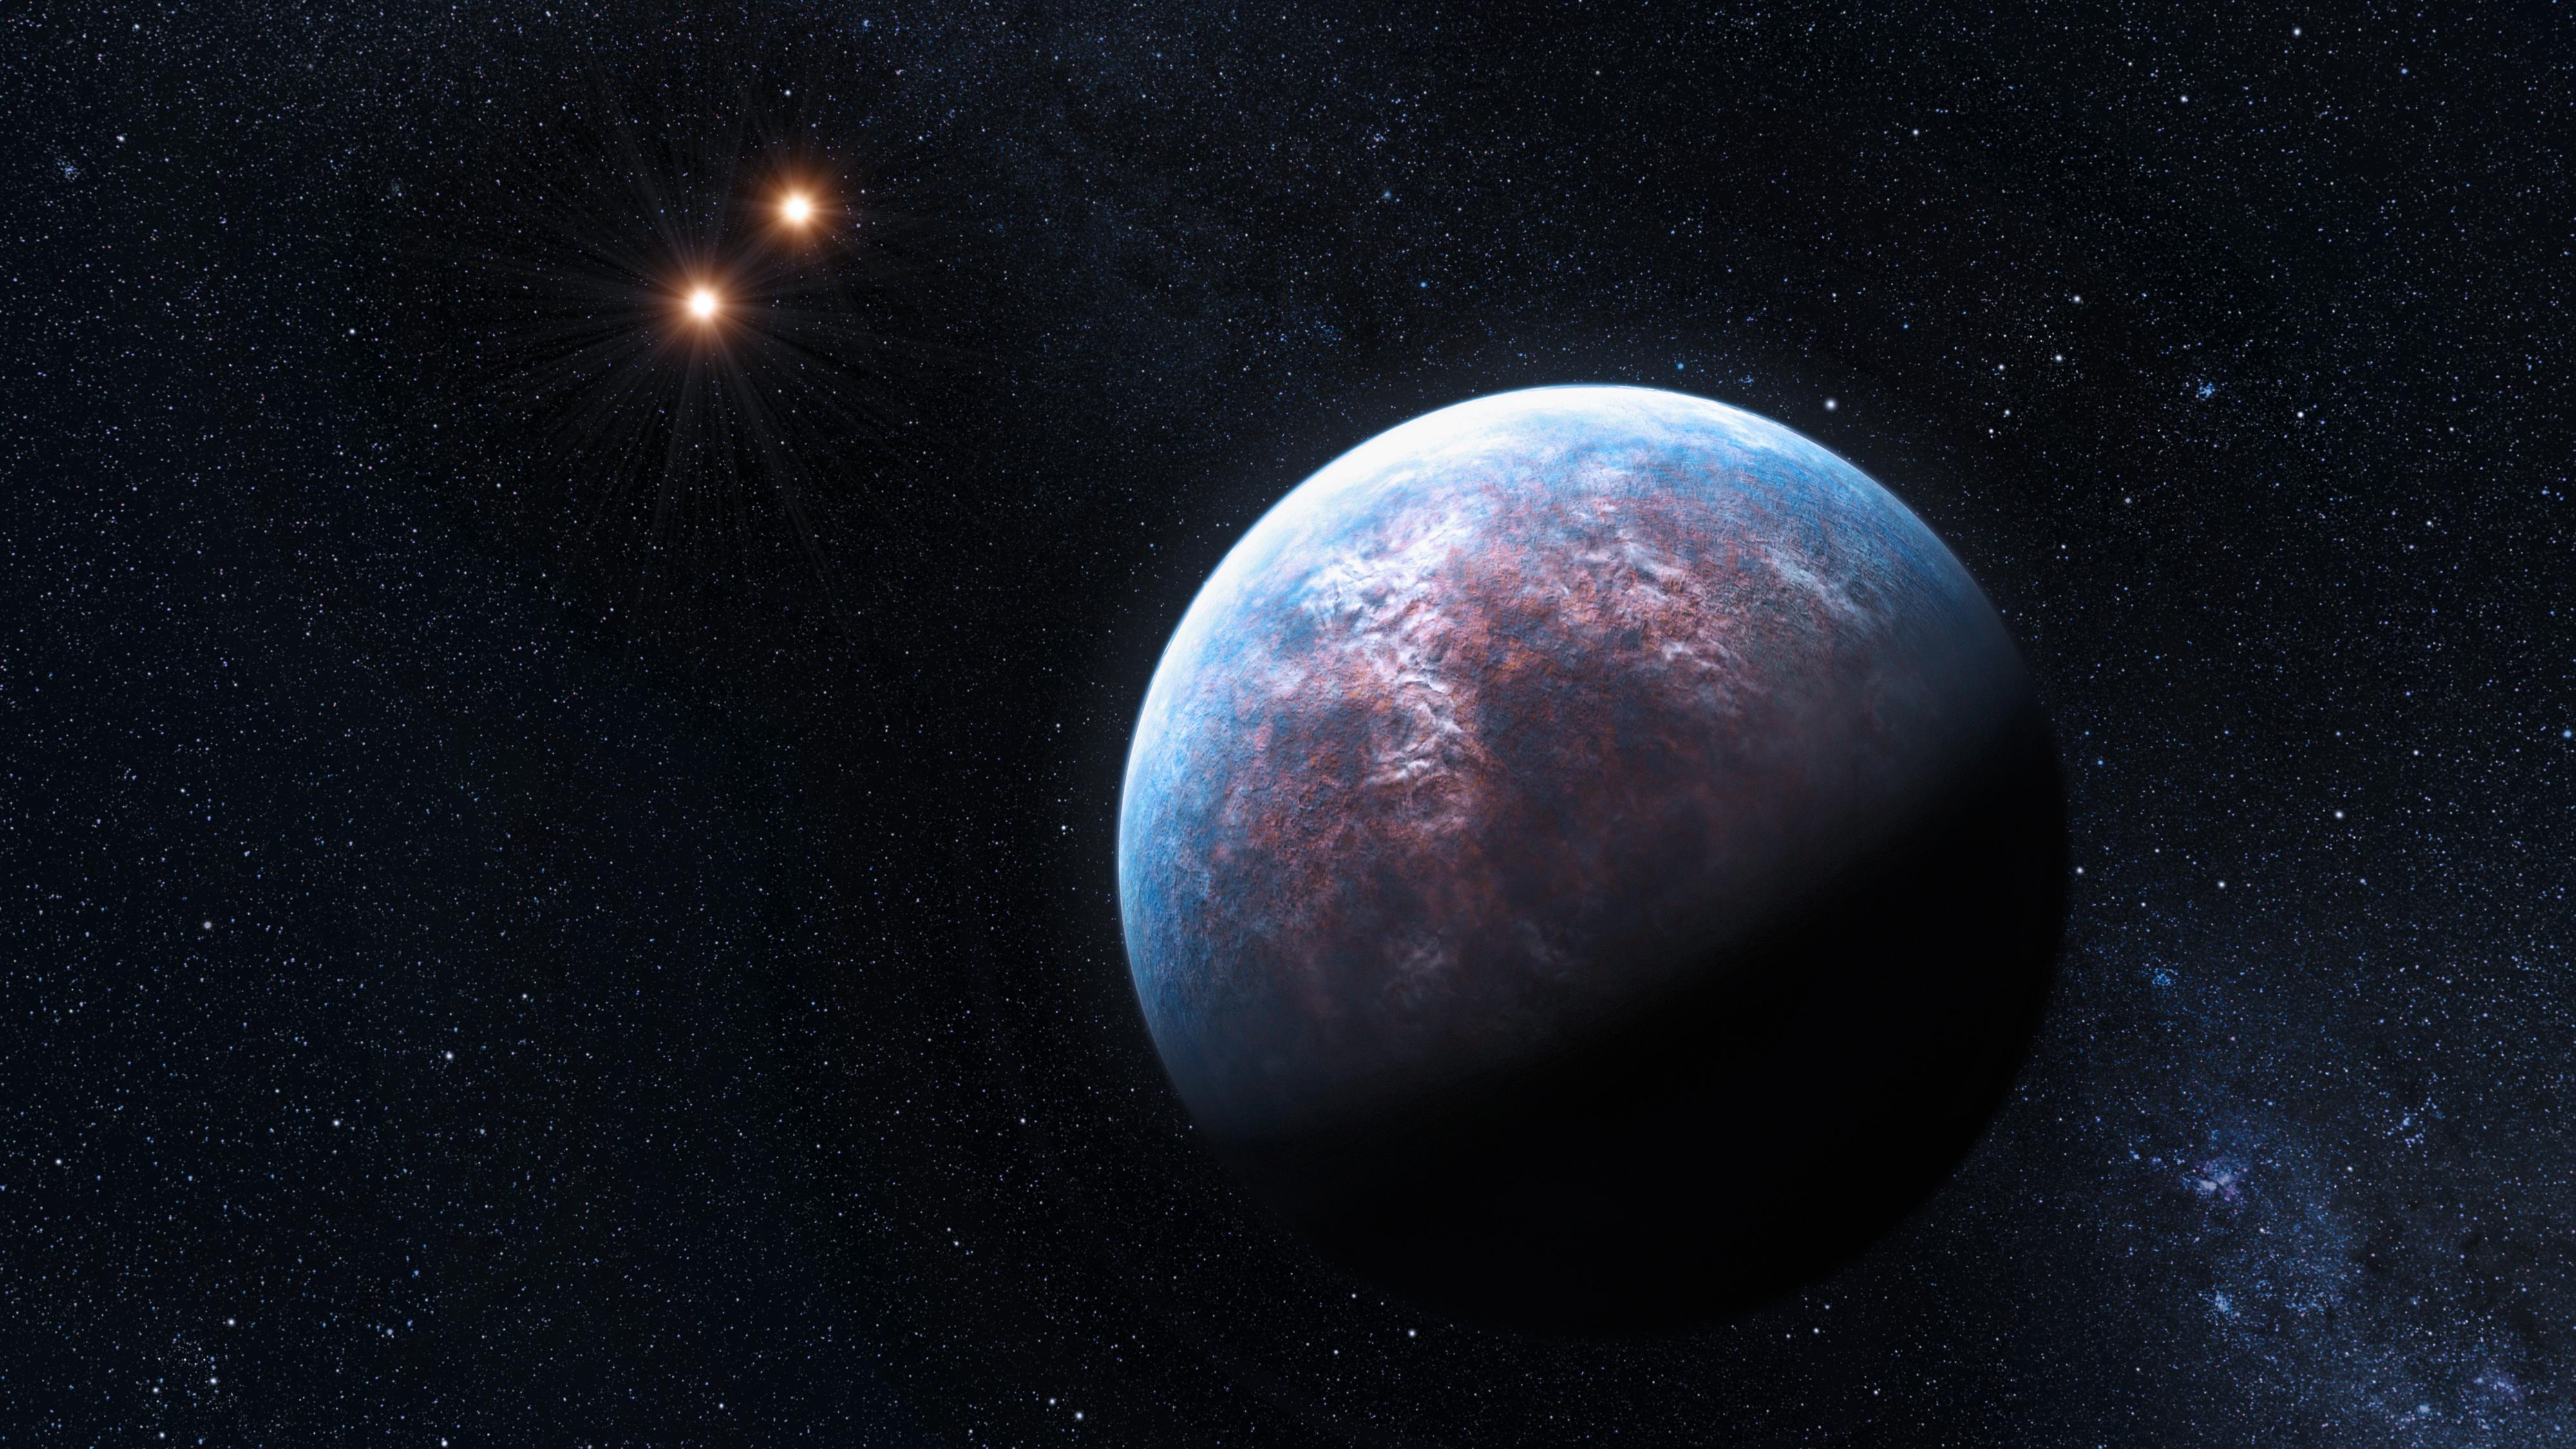 Conceito artístico de um planeta circundando Gliese 667Cb Imagem: ESO/L. Calcada